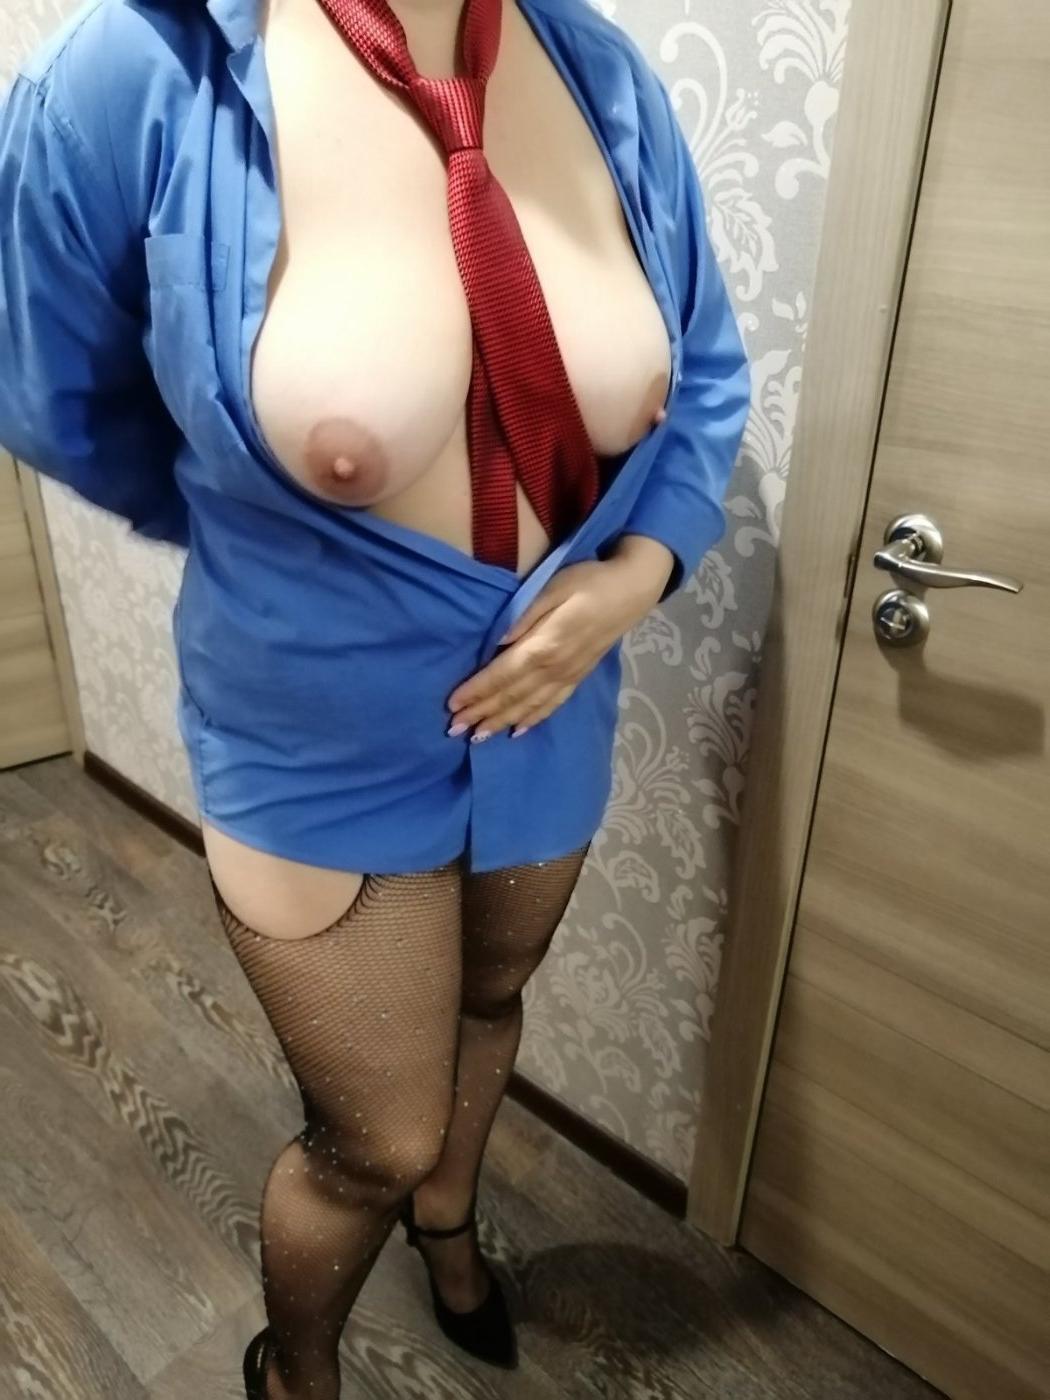 Индивидуалка Айжан, 32 года, метро Крестьянская застава